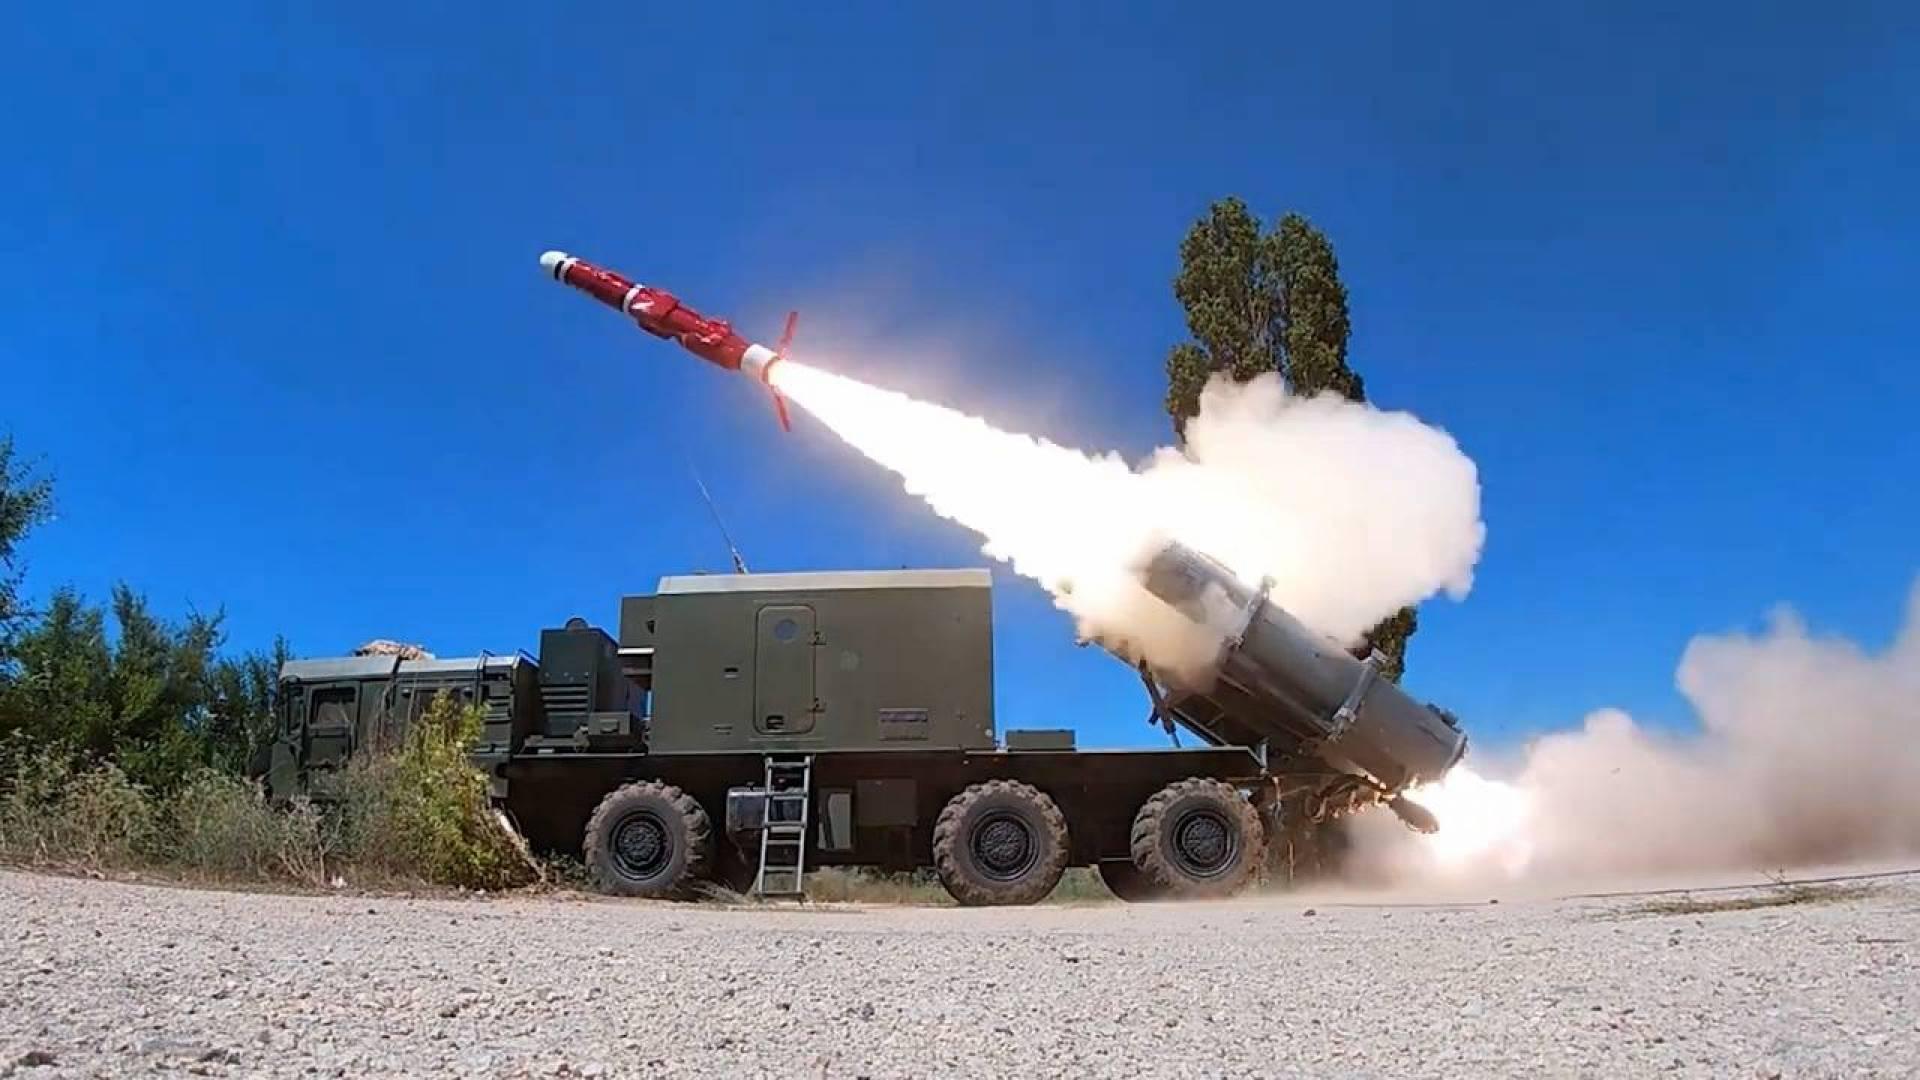 هل ستتراجع تركيا عن أنظمة صواريخ «إس -400»؟